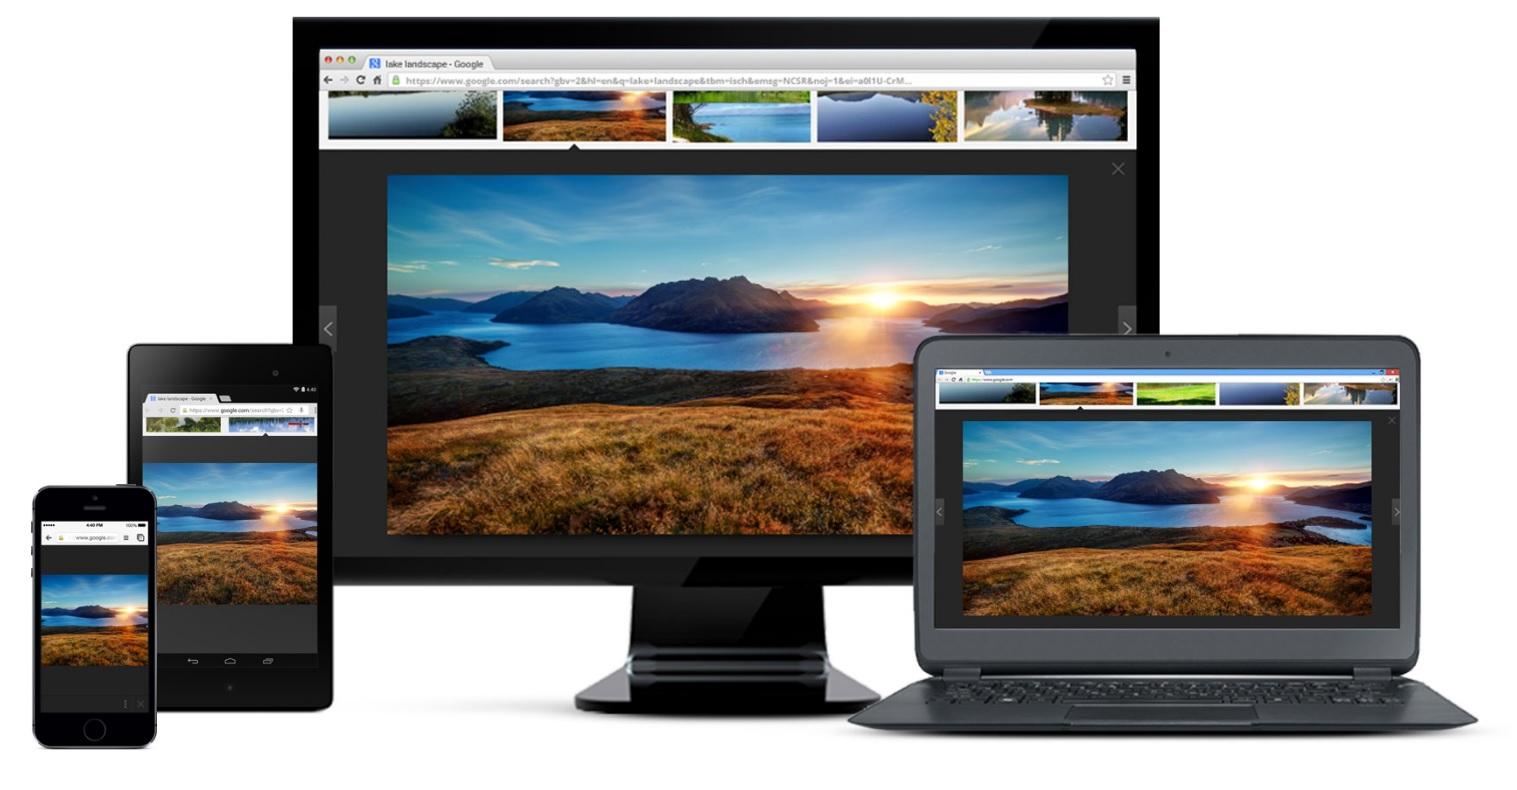 Chrome 51 er kjappere og bruker mindre strøm.